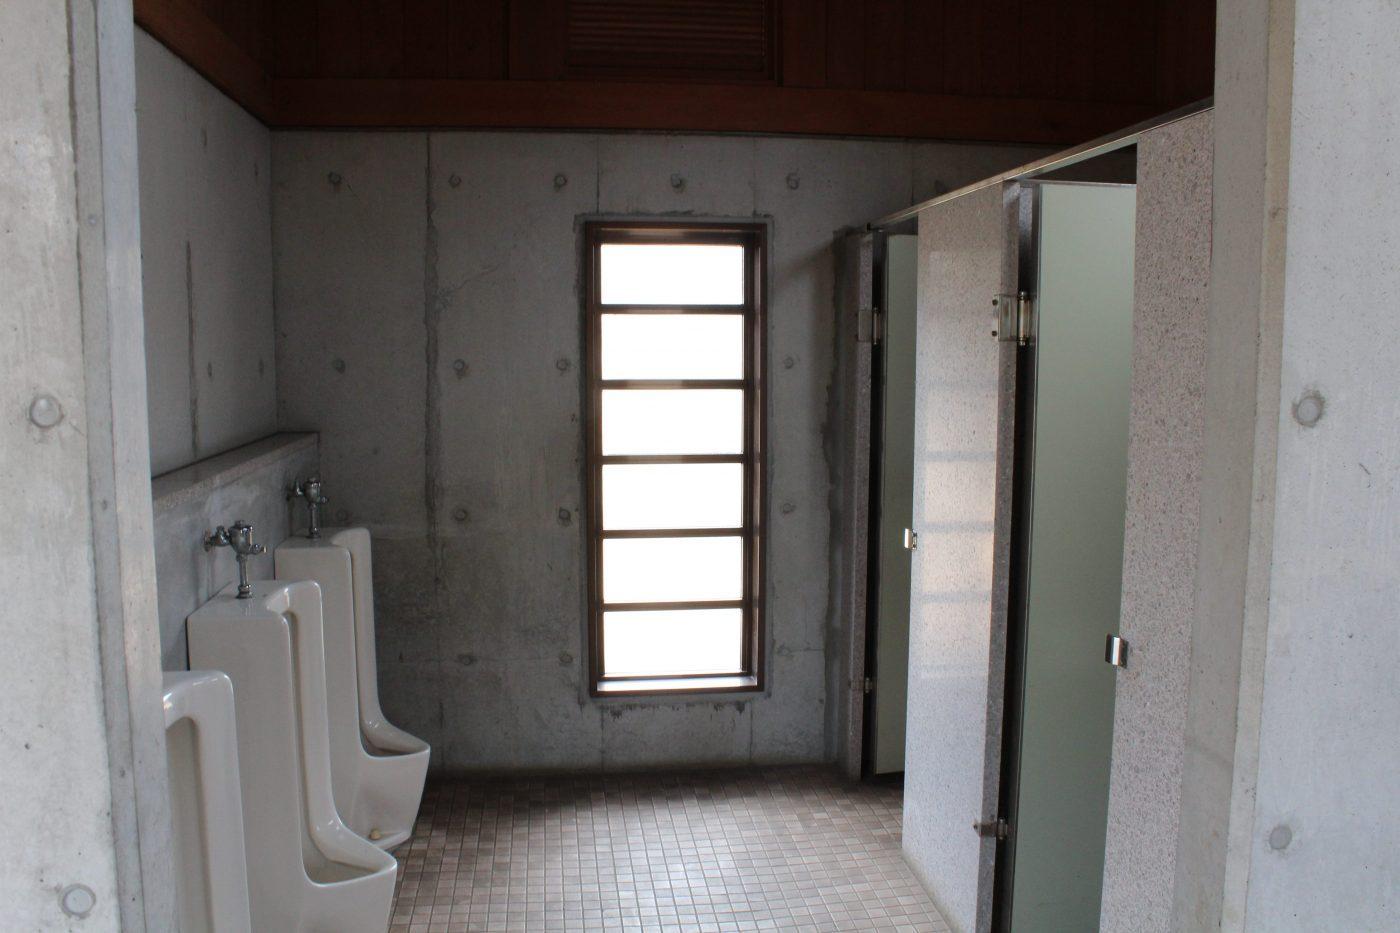 トイレ内部。かなりきれいです。